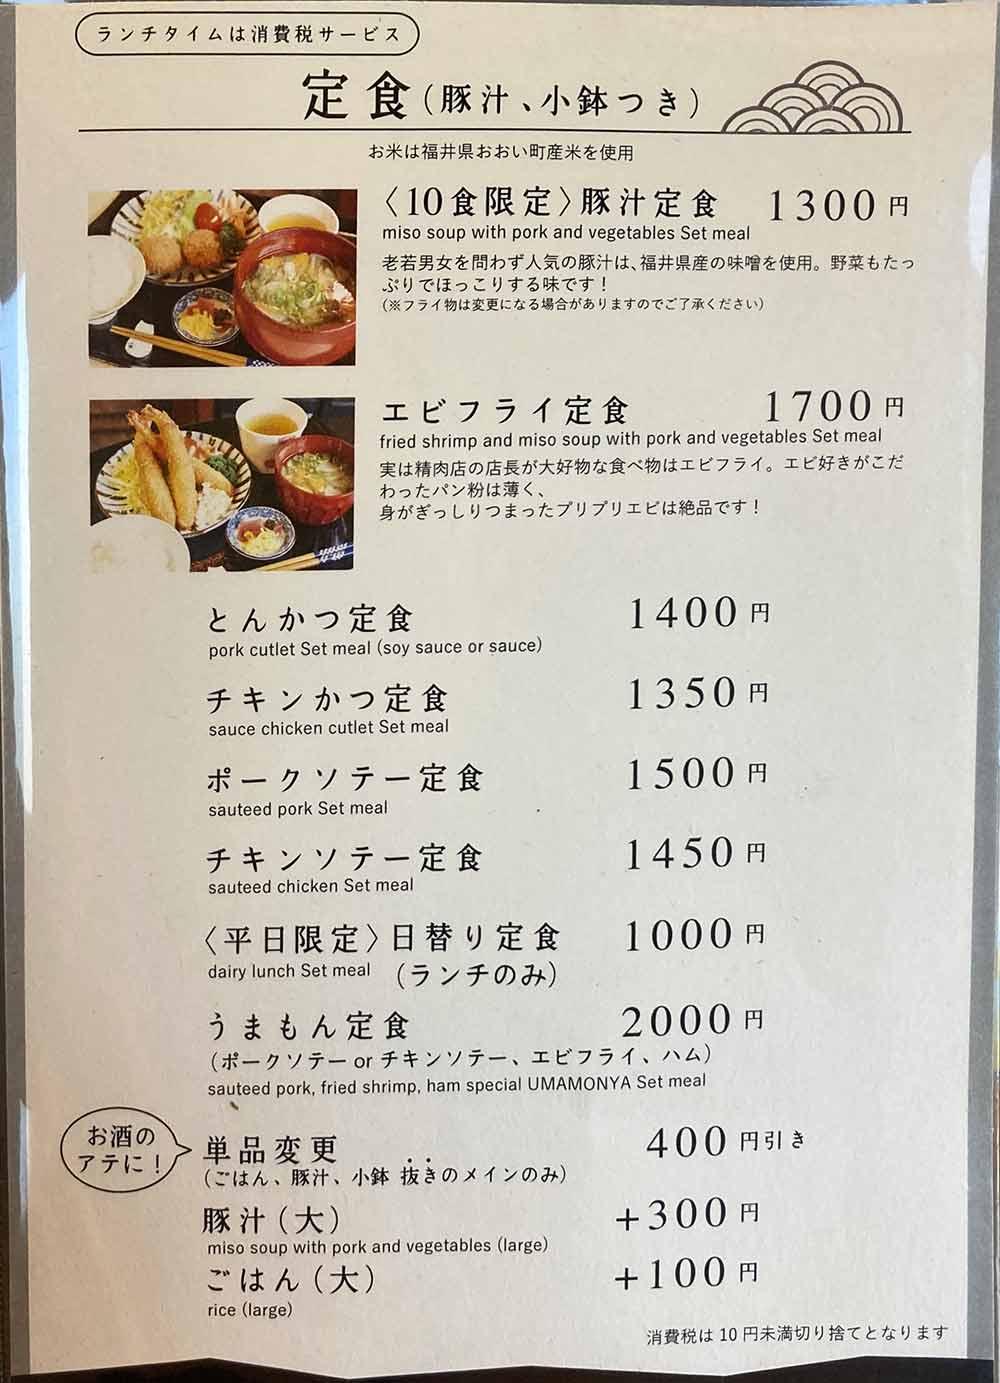 神楽坂,和食,うまもんや,福井,とんかつ,豚汁,若狭,メニュー,ランチ